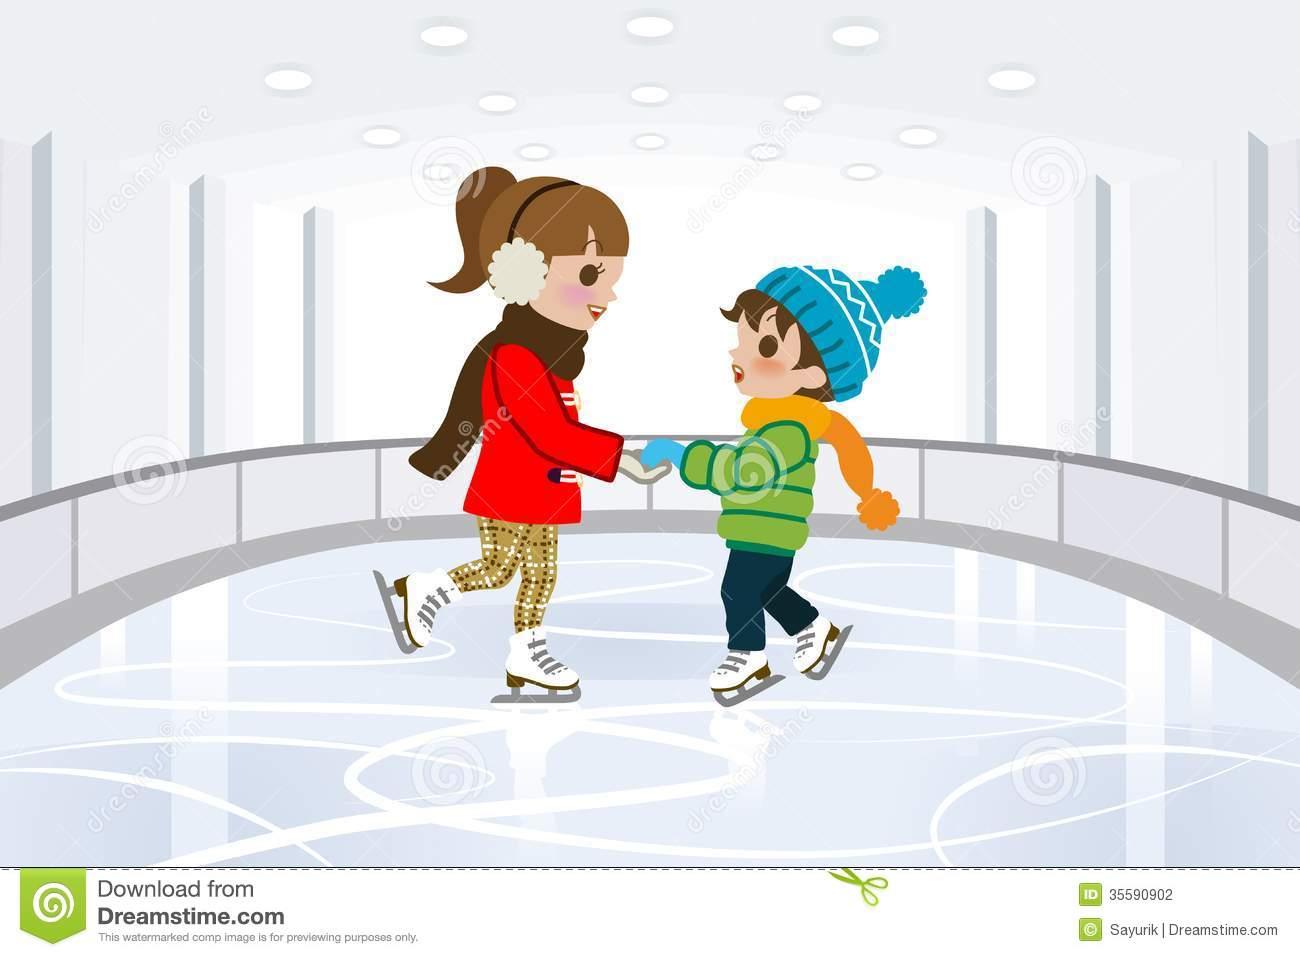 1339 Skating free clipart.